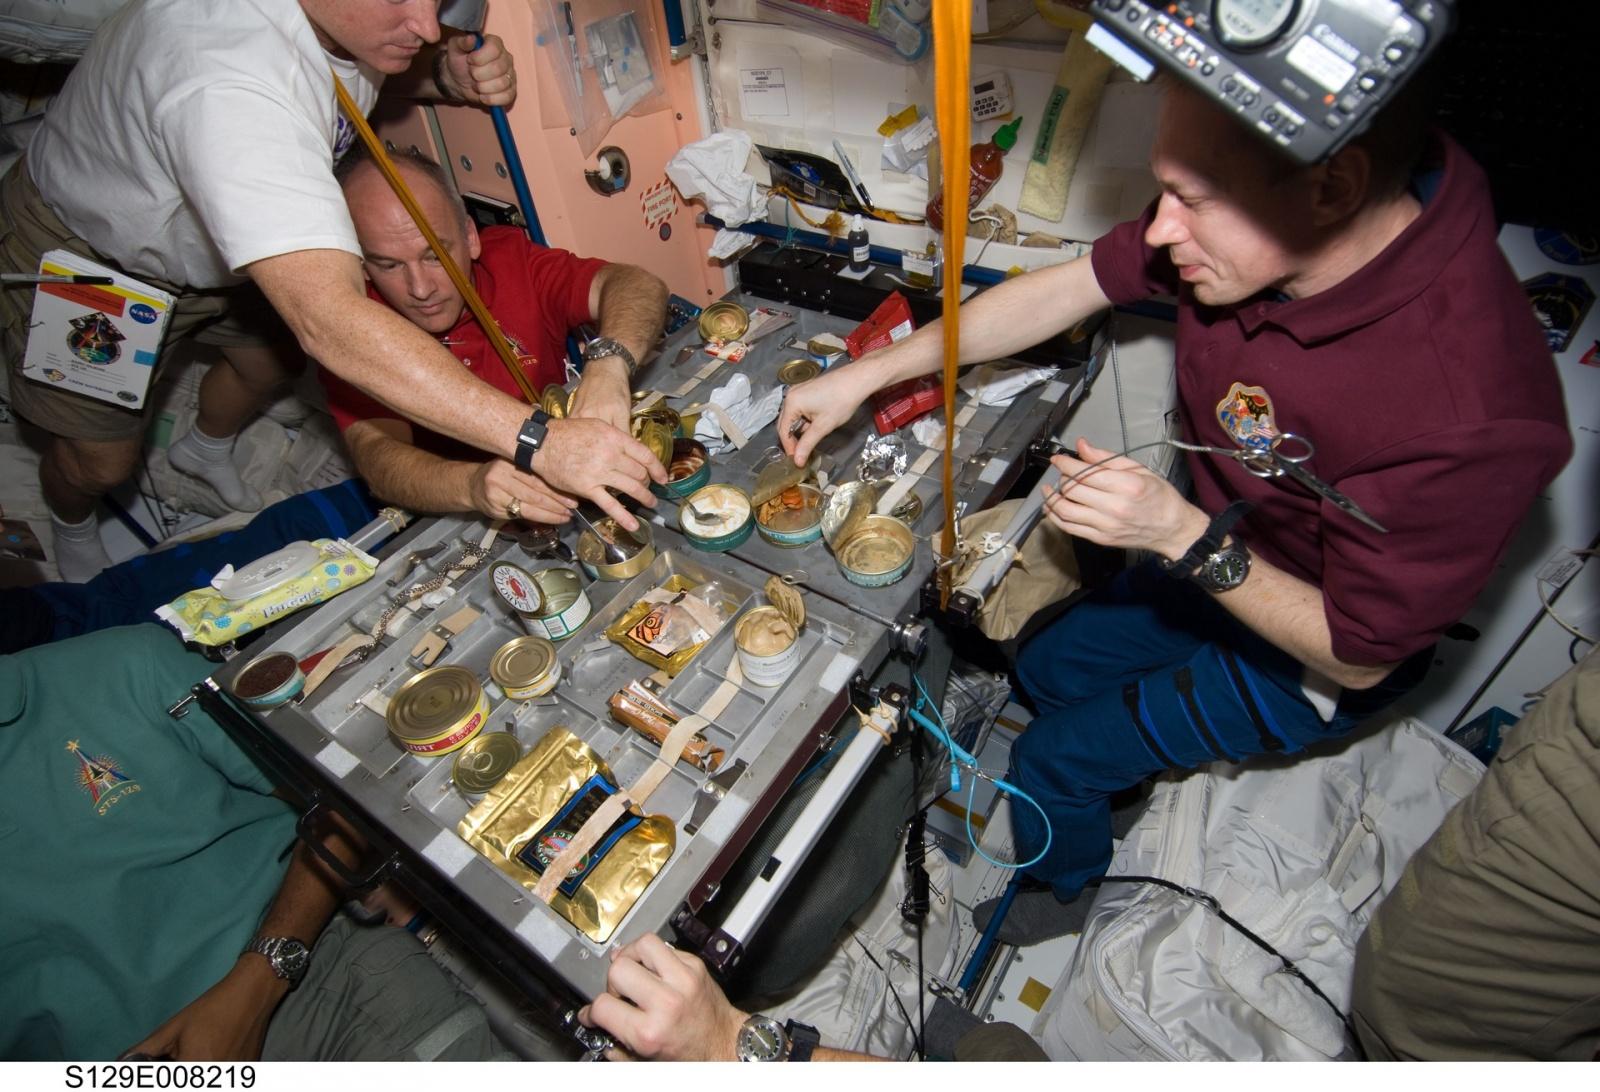 Как выглядит рабочий день на МКС - 6